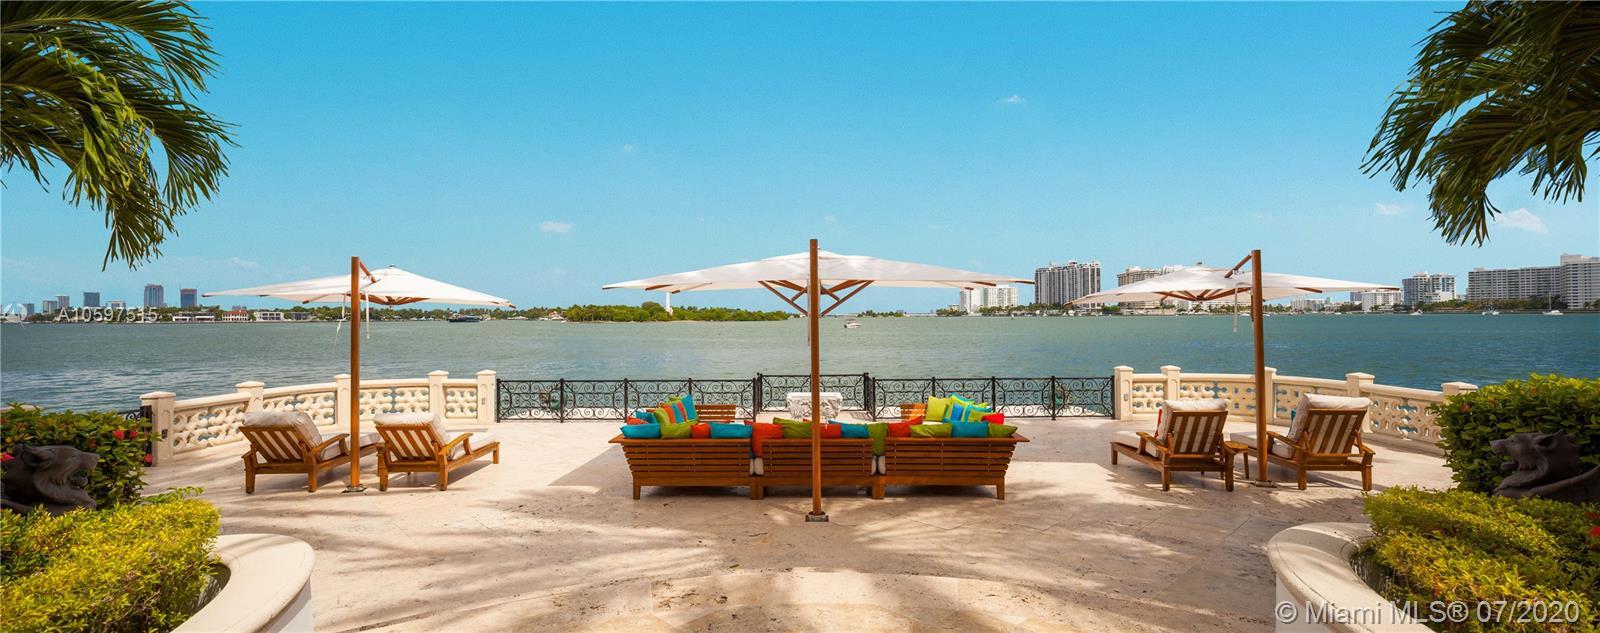 46 Star island dr- miami-beach-fl-33139-a10597515-Pic13